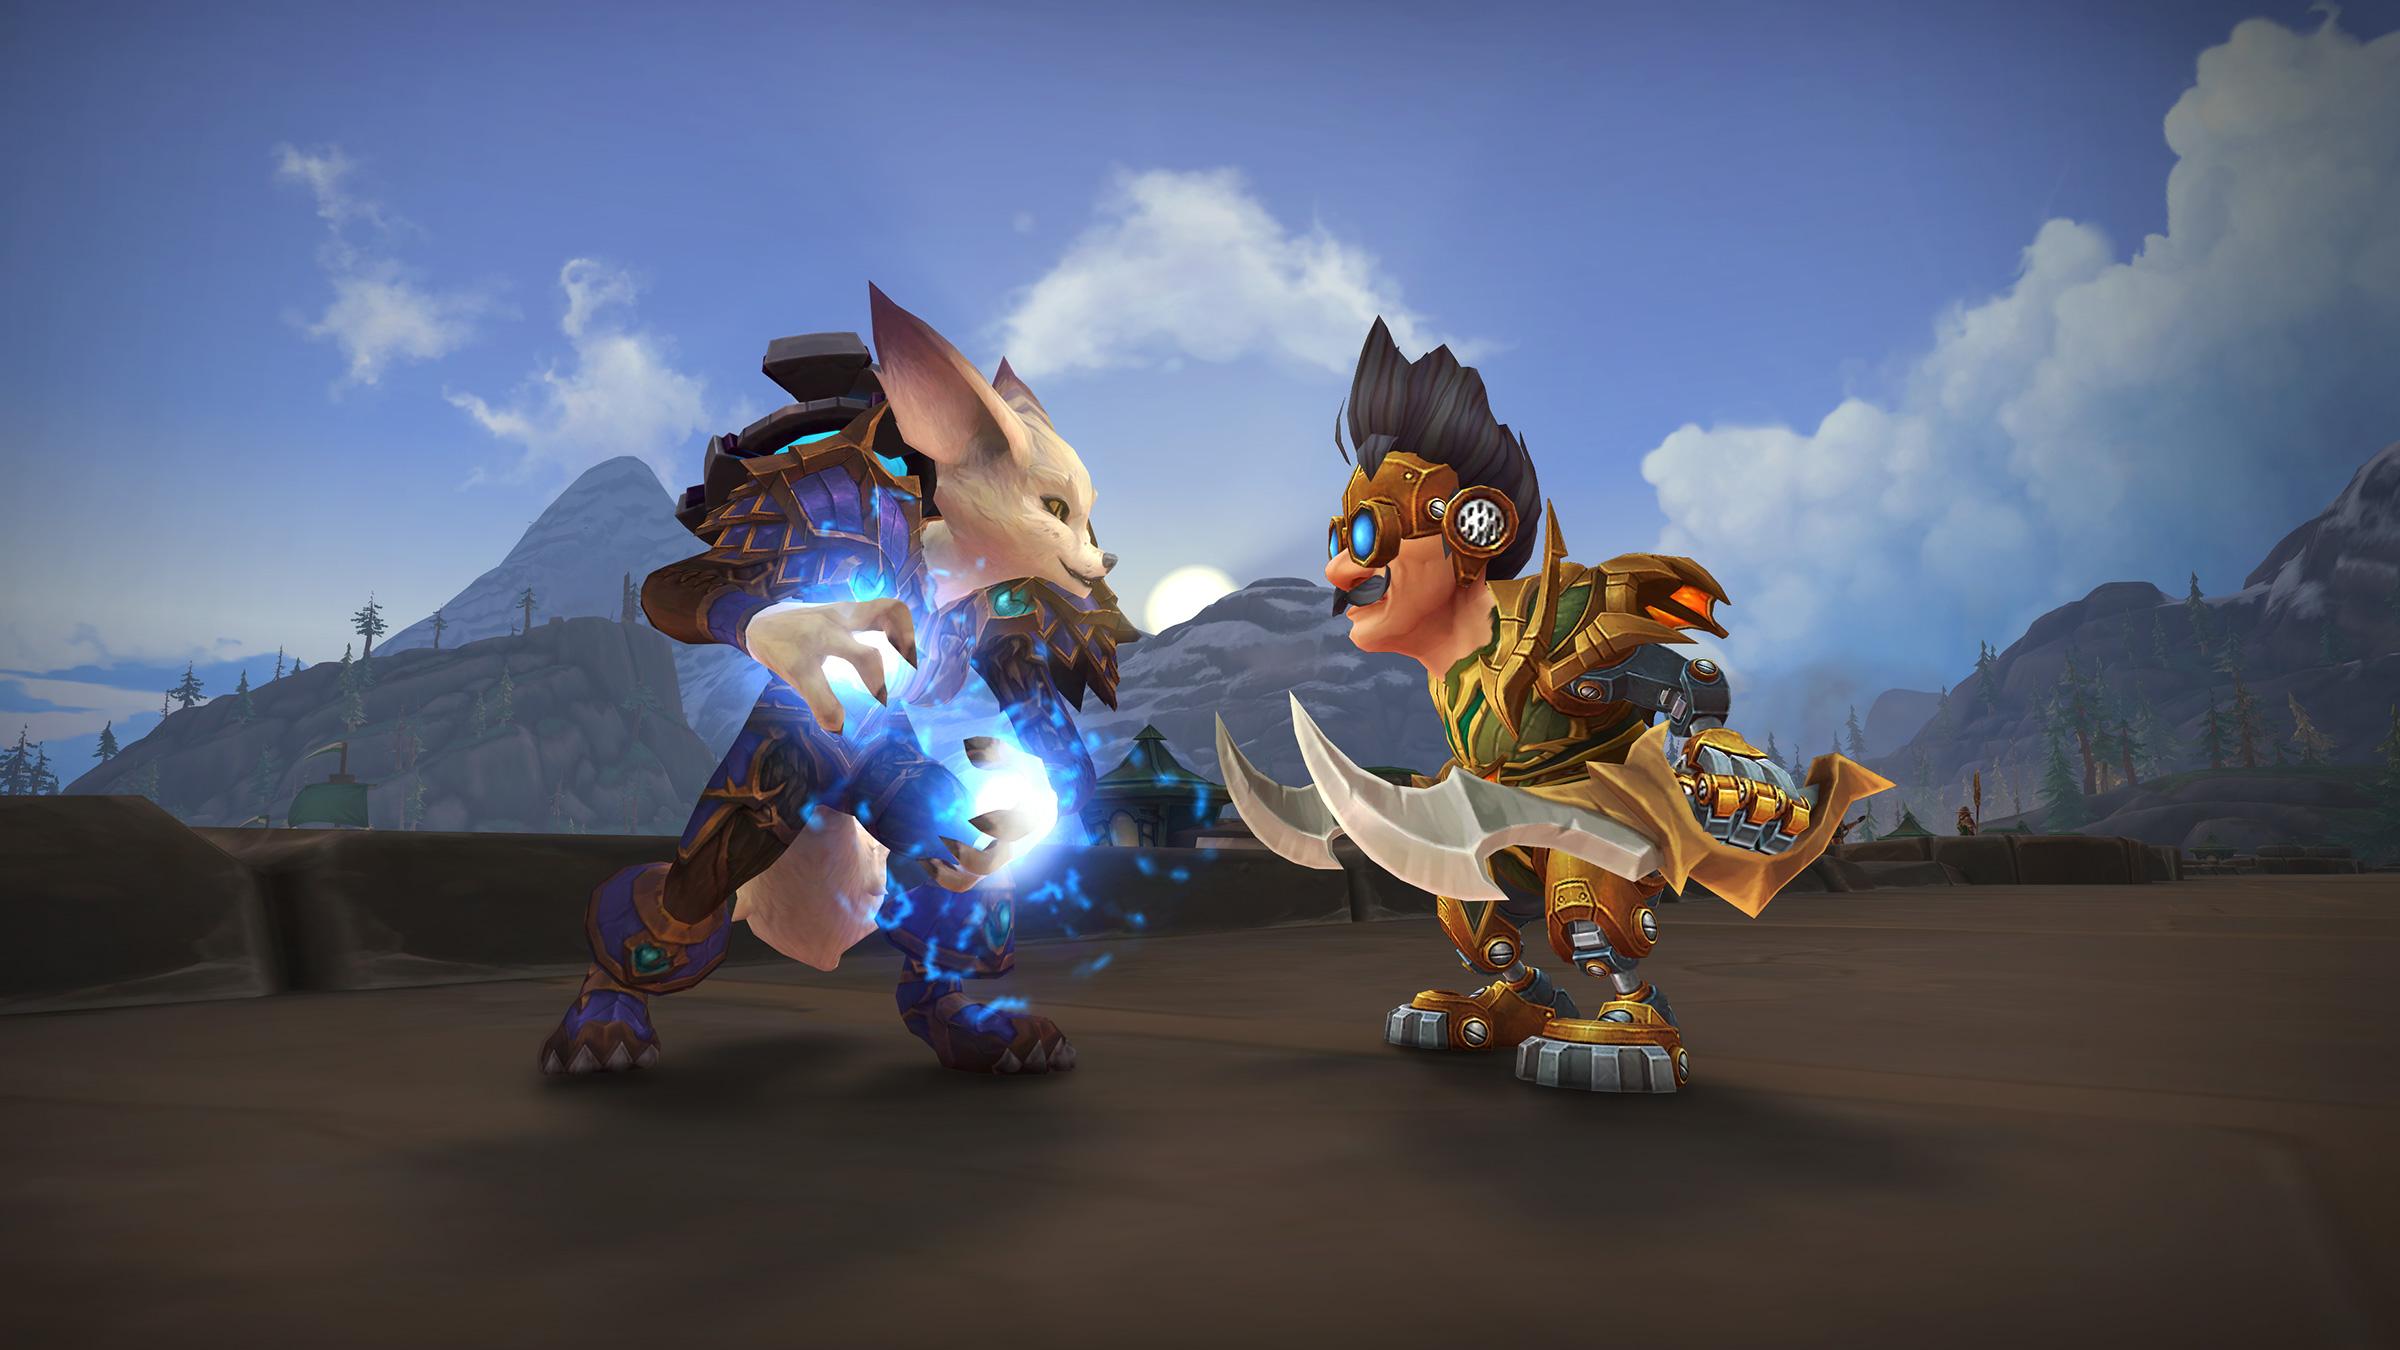 Ogromna aktualizacja do World of Warcraft. Co przyniesie wersja 8.3?